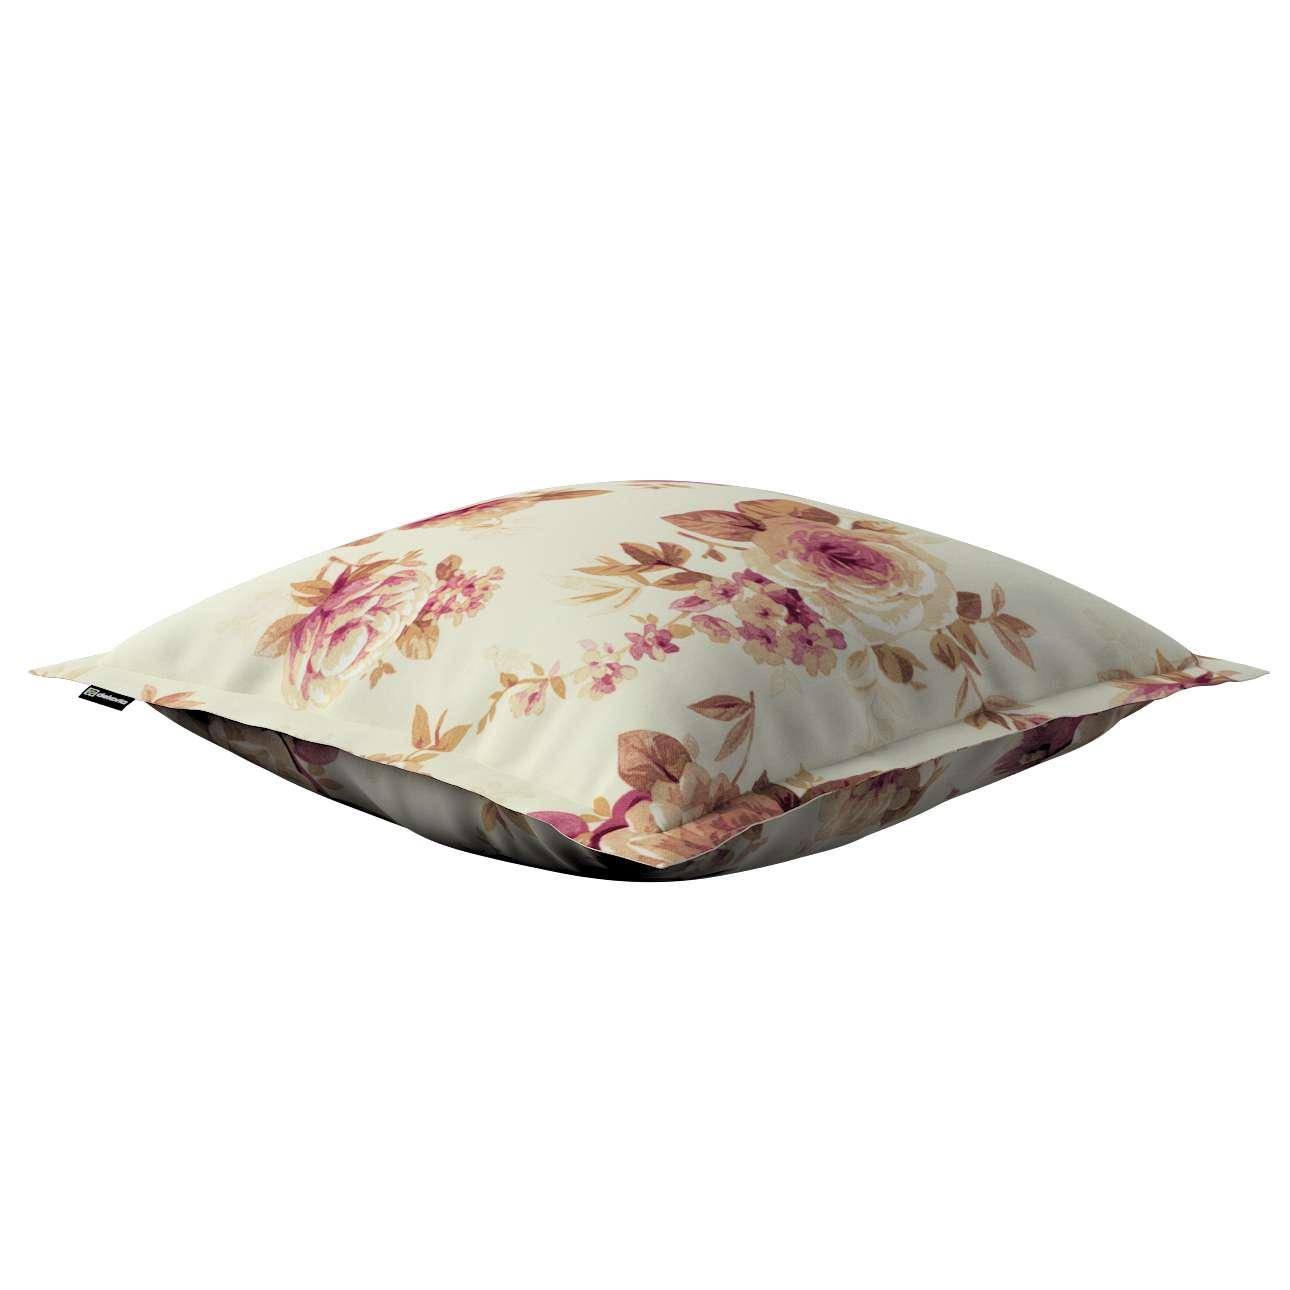 Mona dekoratyvinių pagalvėlių užvalkalas su sienele 45 x 45cm kolekcijoje Mirella, audinys: 141-06